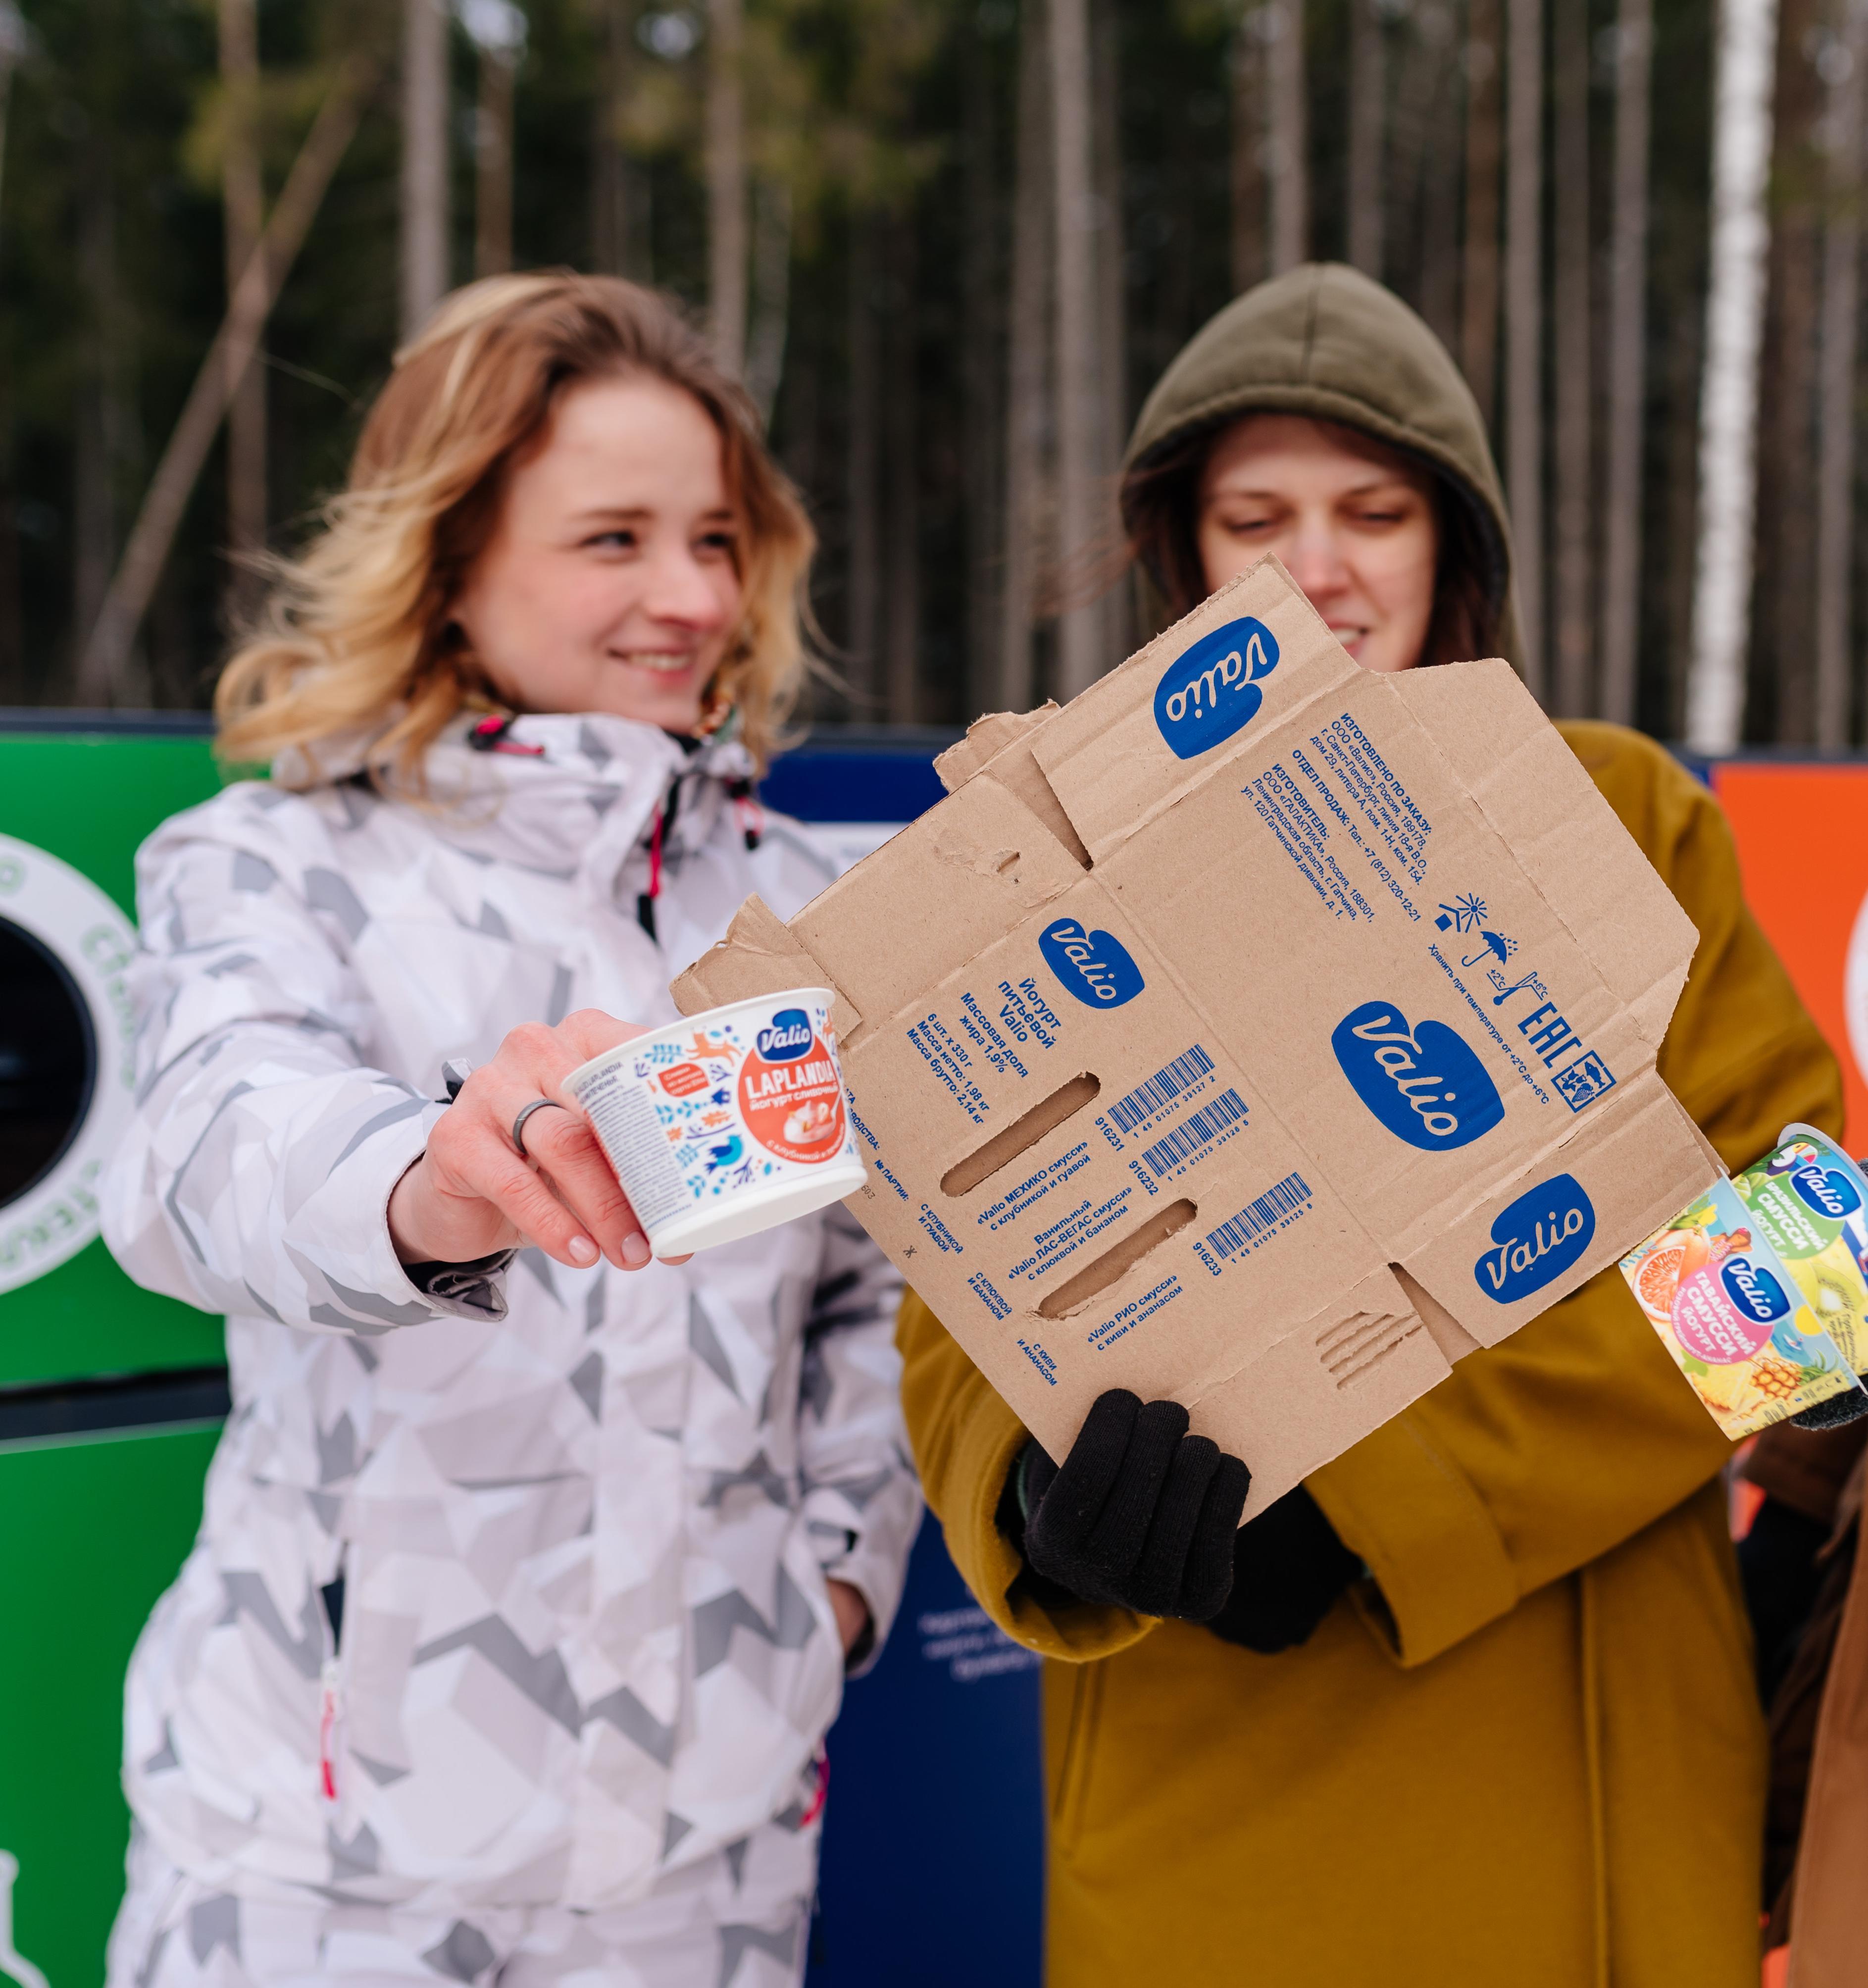 Программа раздельного сбора вторсырья Valio и Tetra Pak: десять новых пунктов в Петербурге (фото)